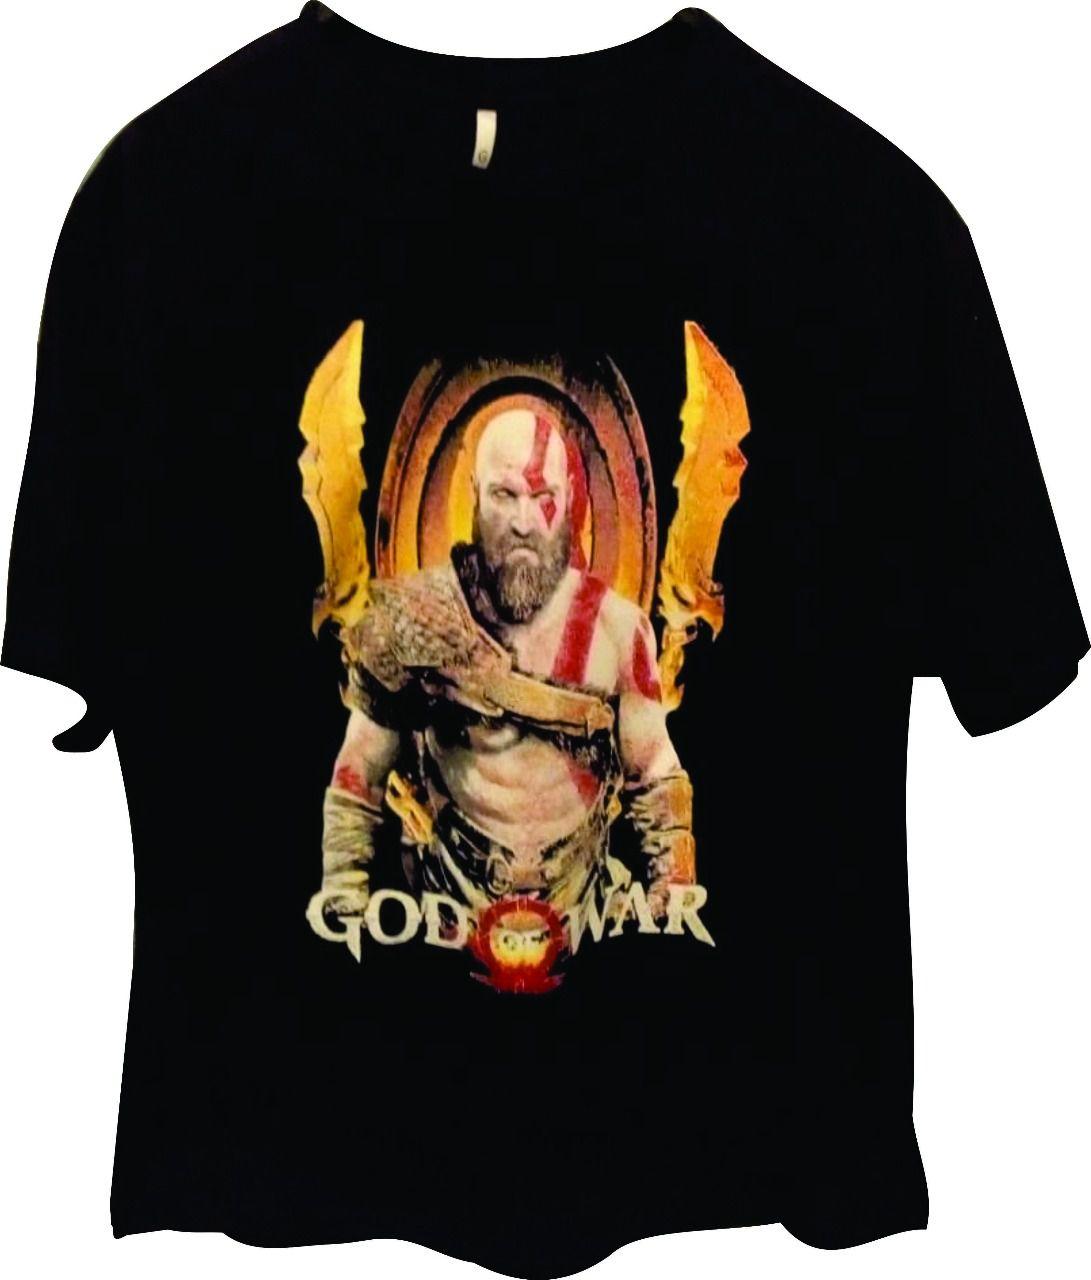 Camisetas personalizadas de games